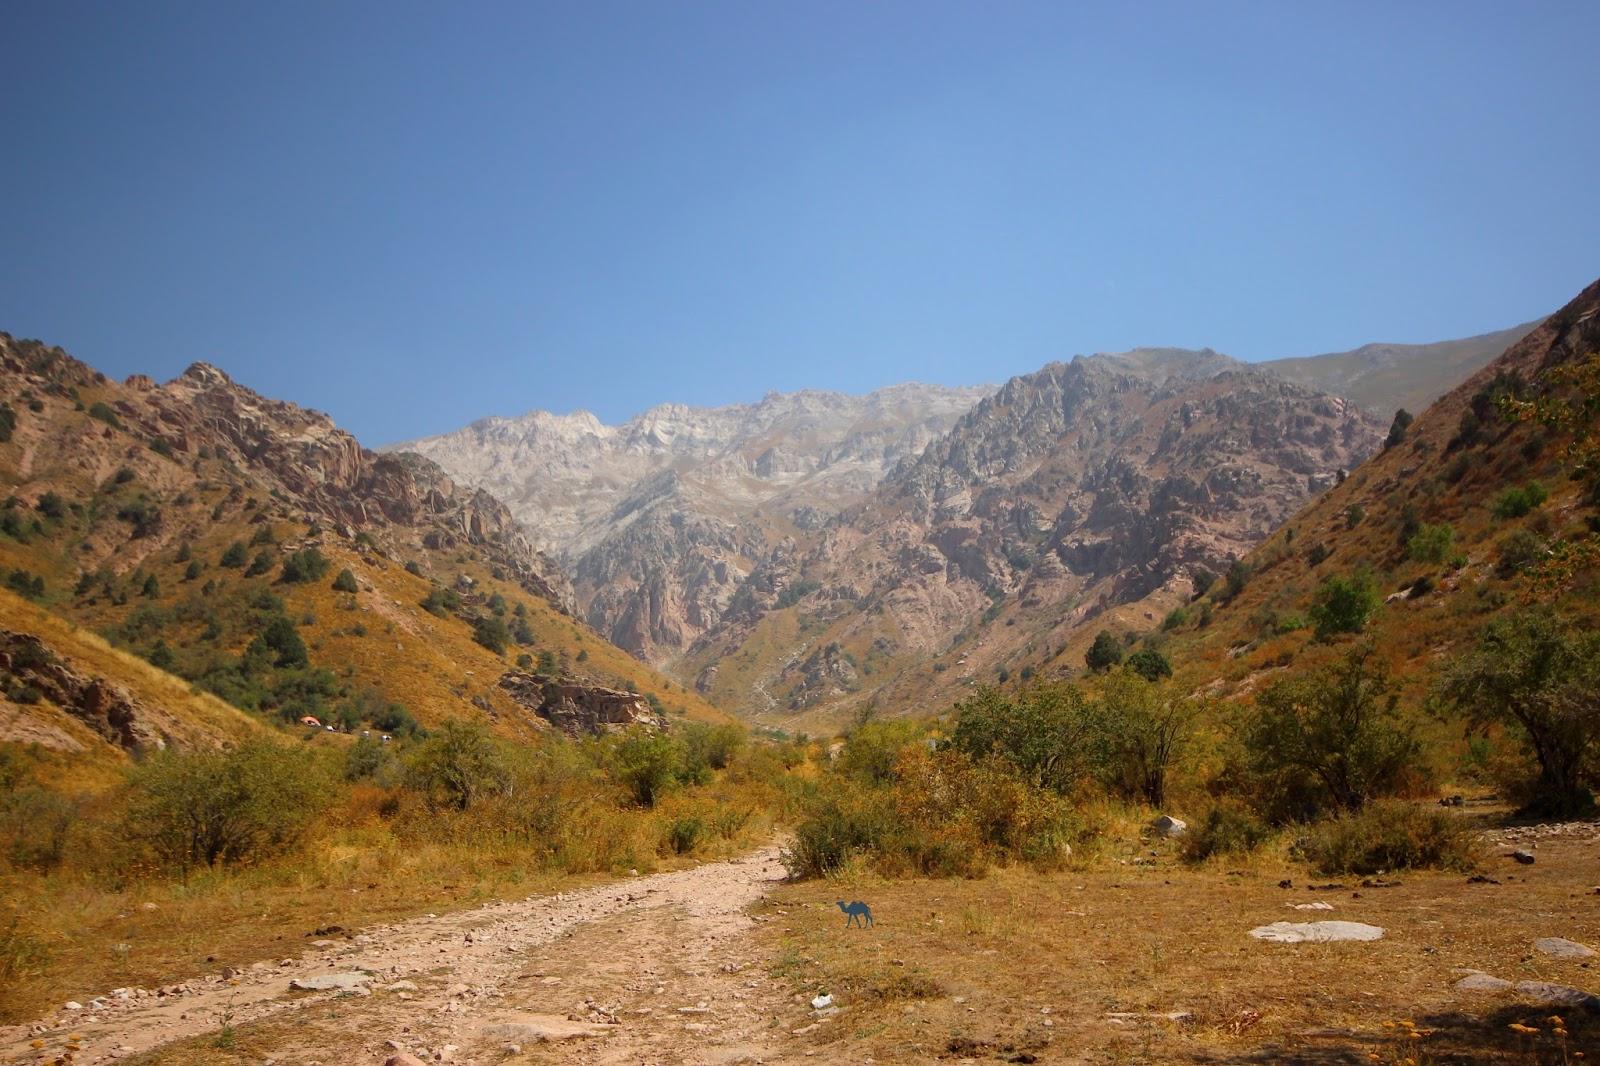 Le Chameau Bleu - Les montagnes de Chimgan - Voyage en Ouzbékistan